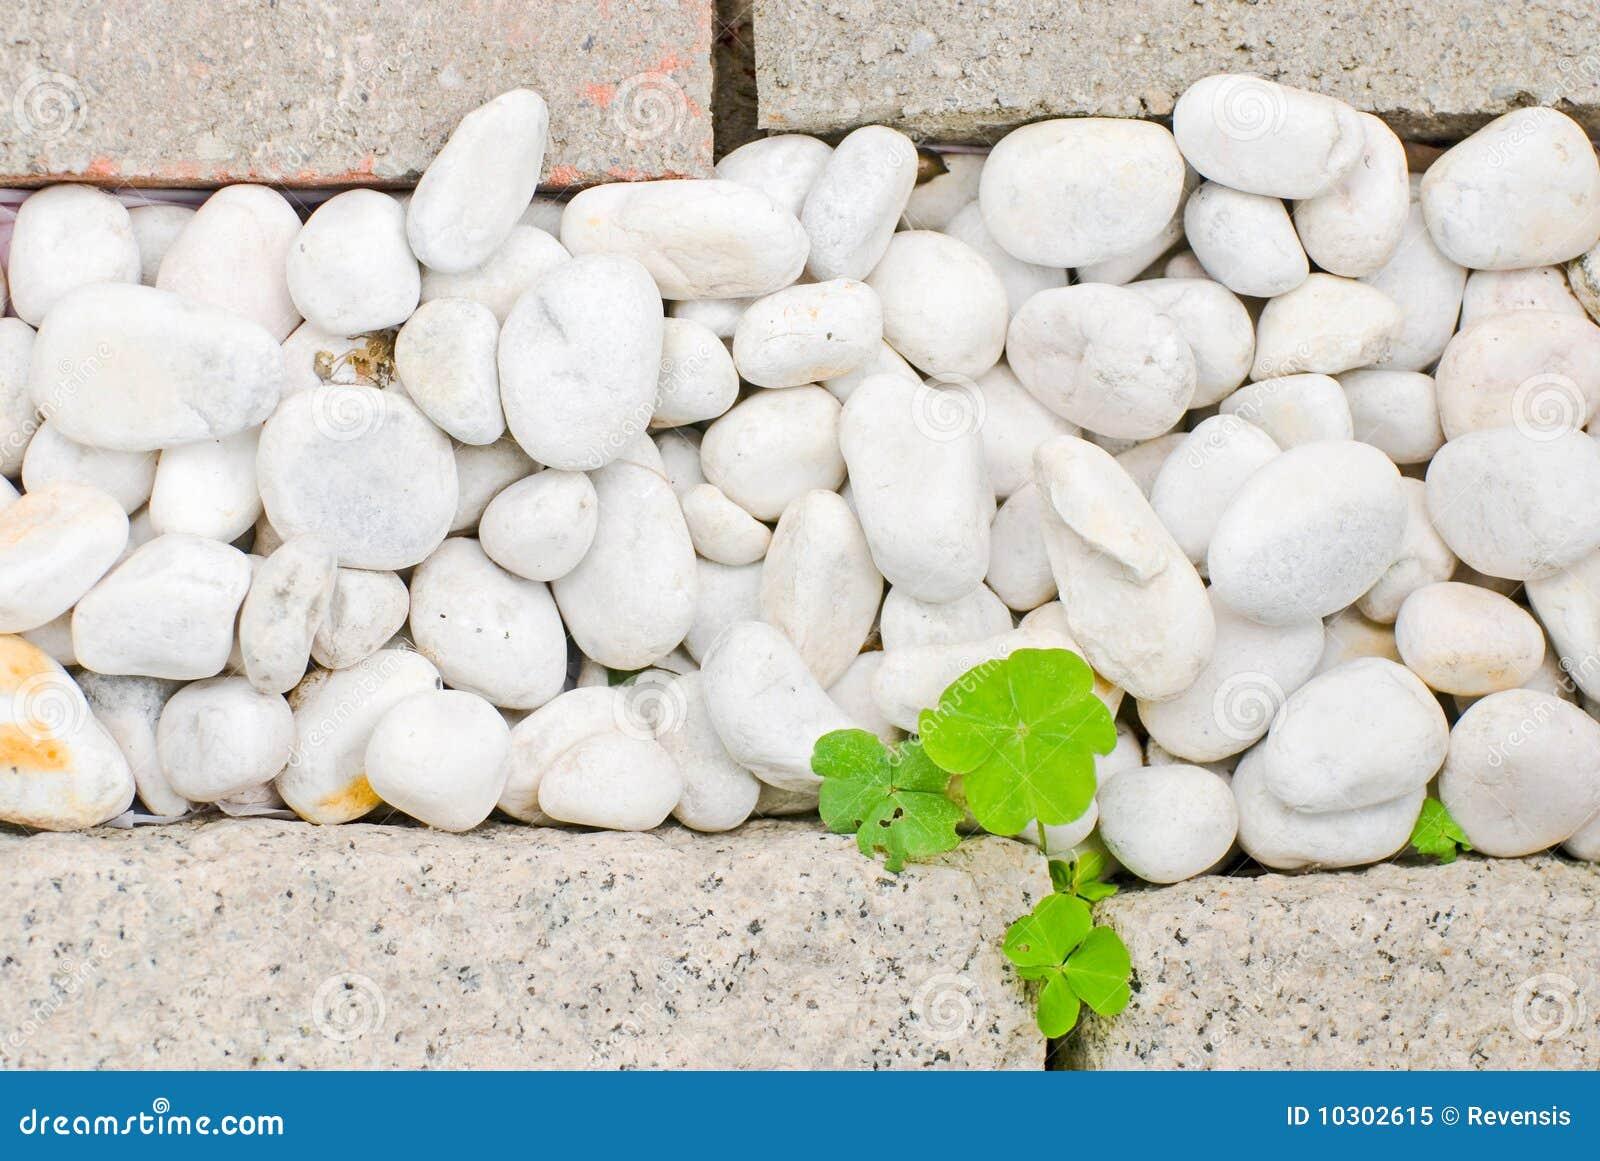 Caillou blanc avec la lame verte photo libre de droits for Achat caillou blanc pour jardin